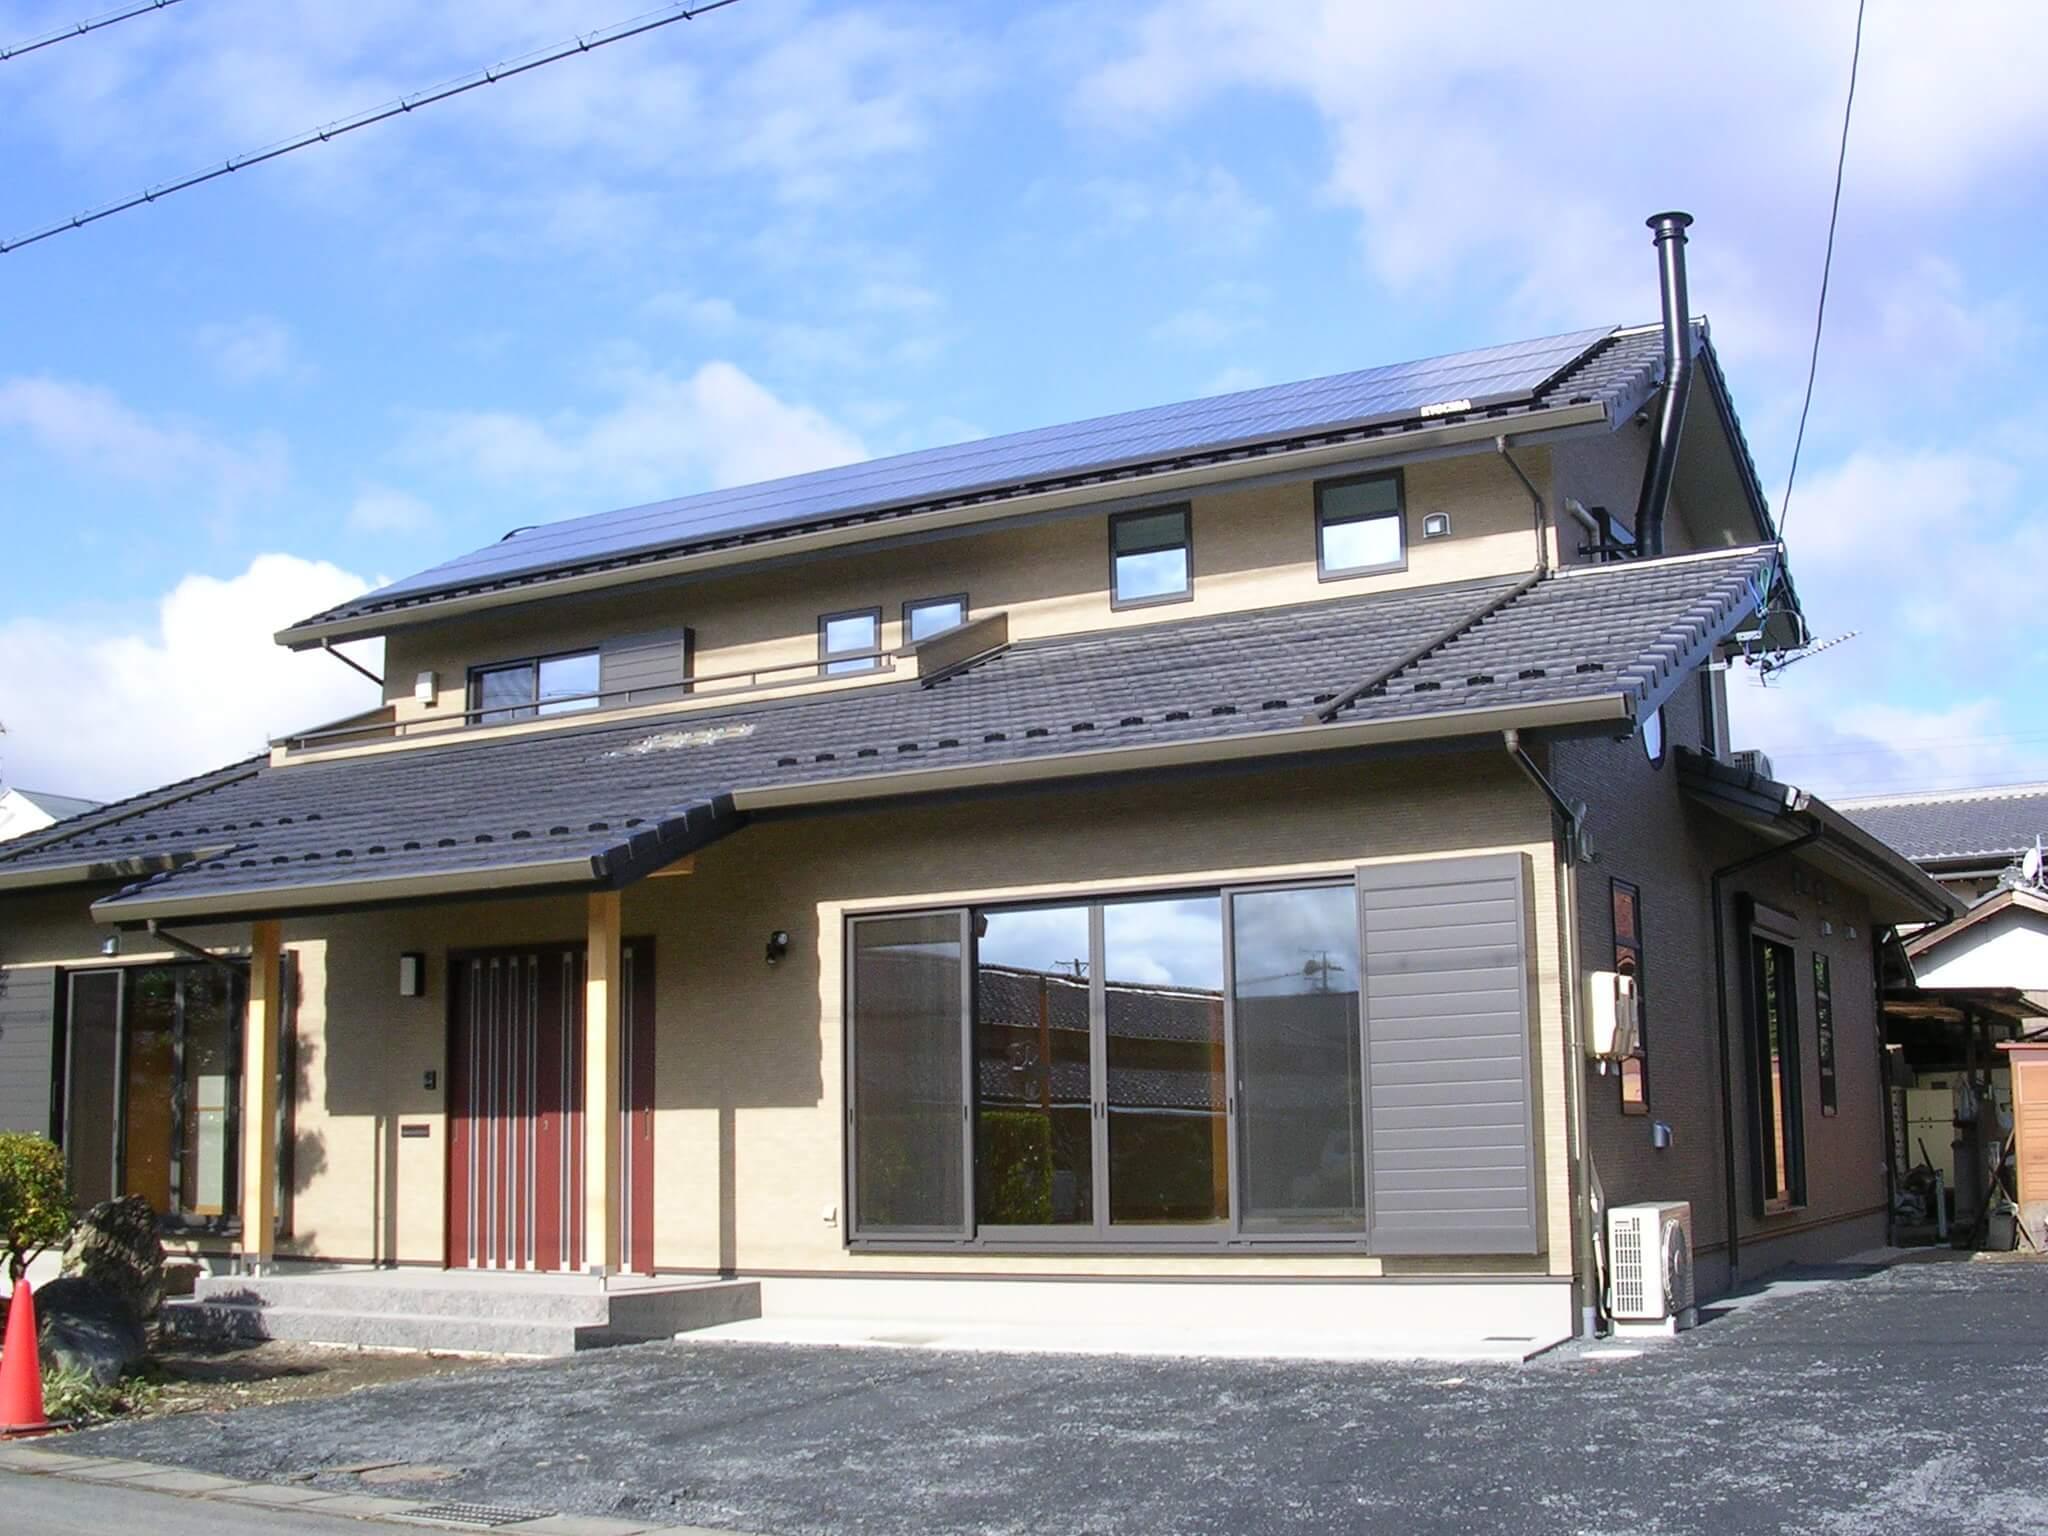 デザイン+太陽光発電住宅 多治見市 S様邸